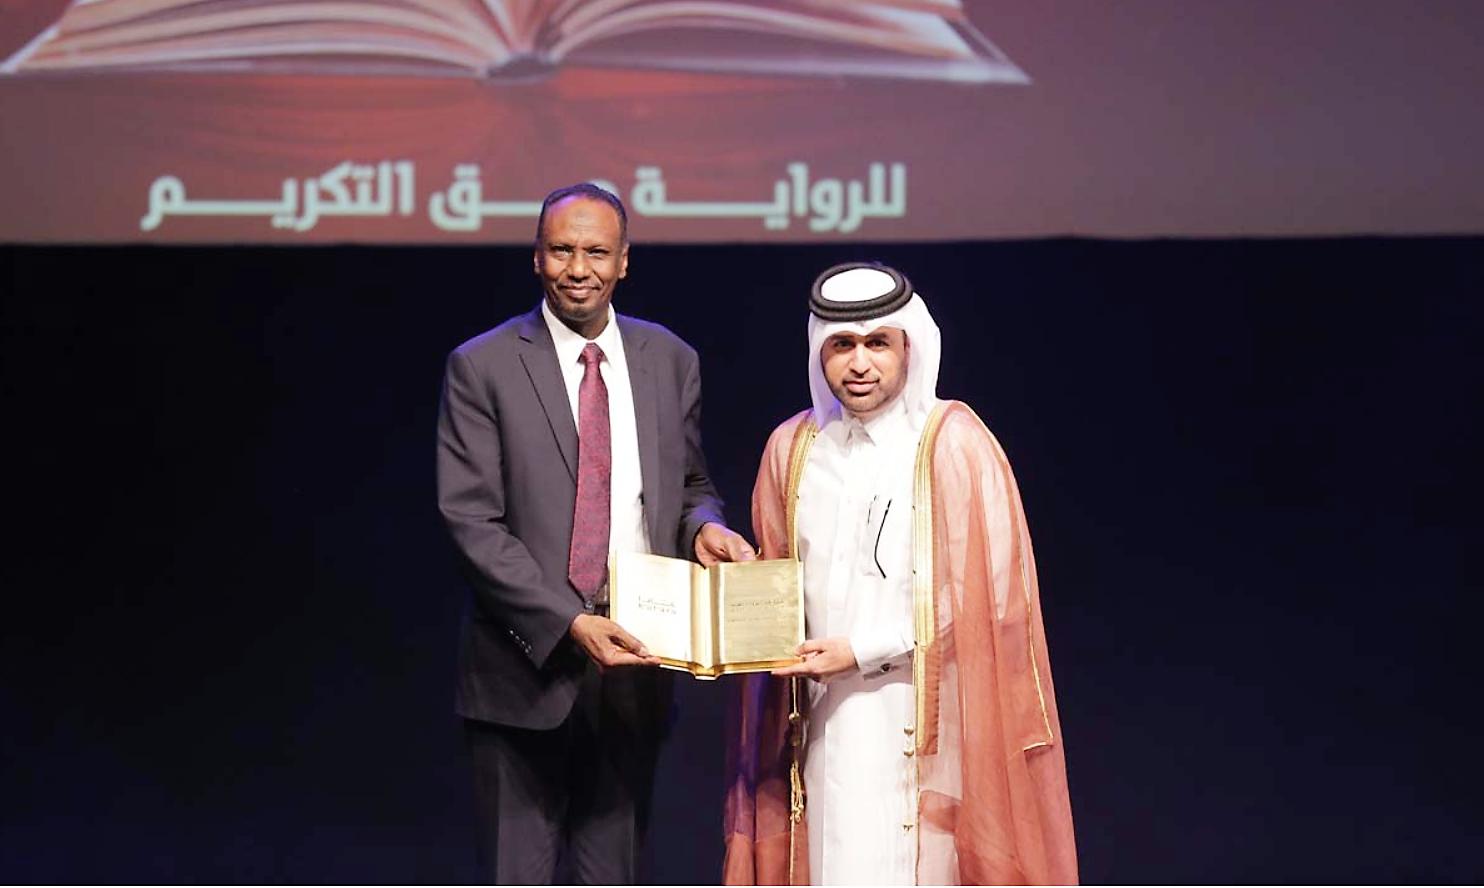 عمر فضل الله يفوز بجائزة كتارا للرواية العربية 2018 برواية أنفاس صليحة عن فئة الروايات المنشورة